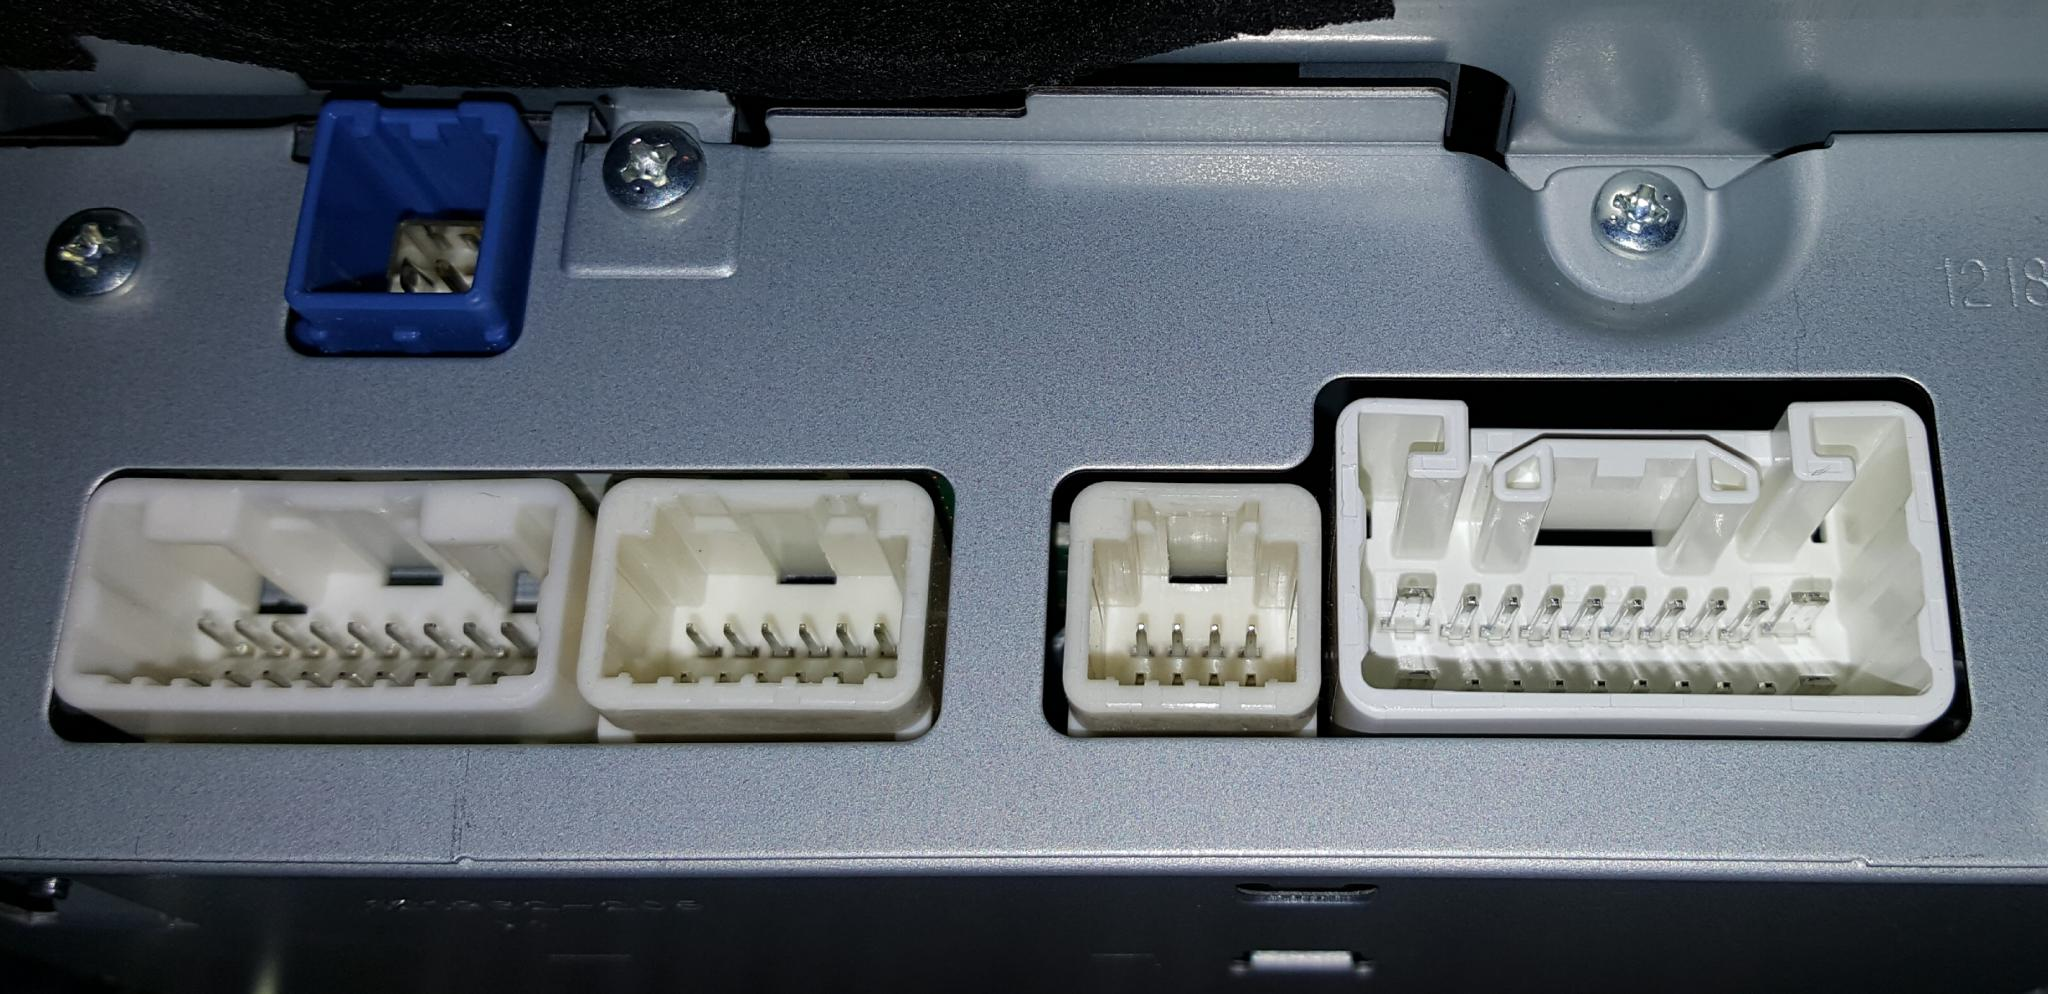 2010 Fj Cruiser Radio Wiring Diagram Wiring Diagram Functional Functional Tartufoavaltopina It